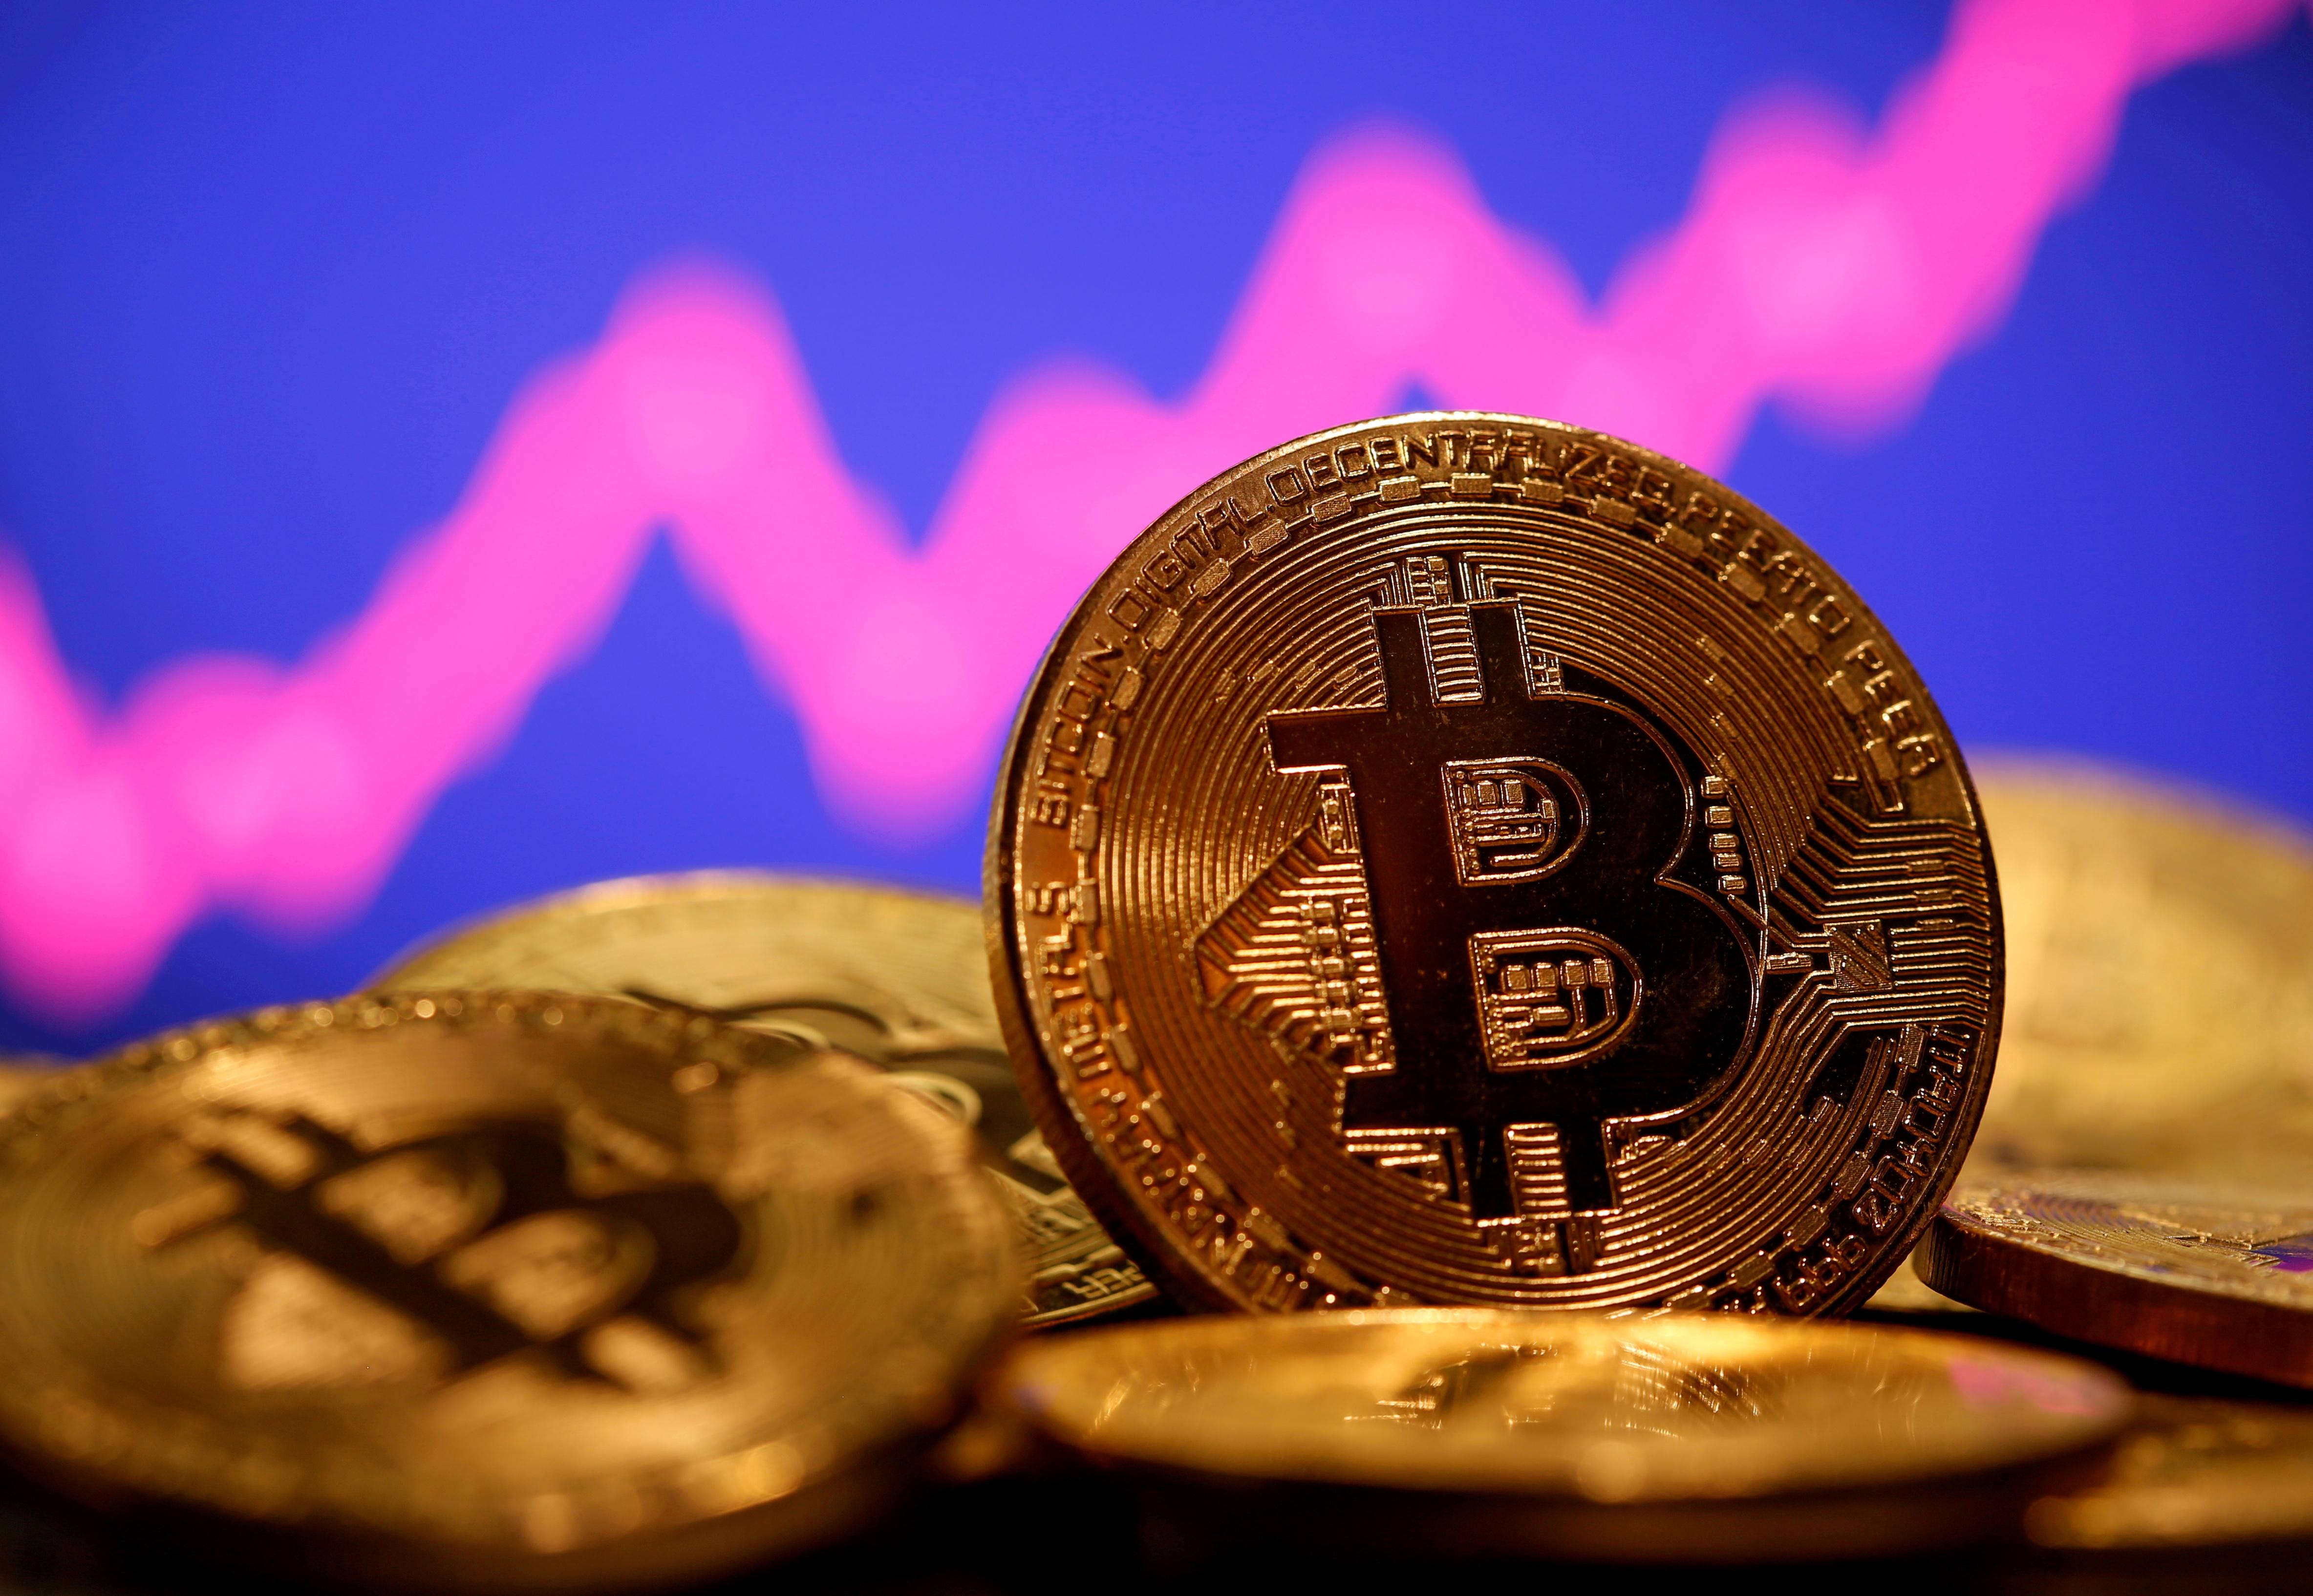 Representación física de la criptodivisa bitcoin.